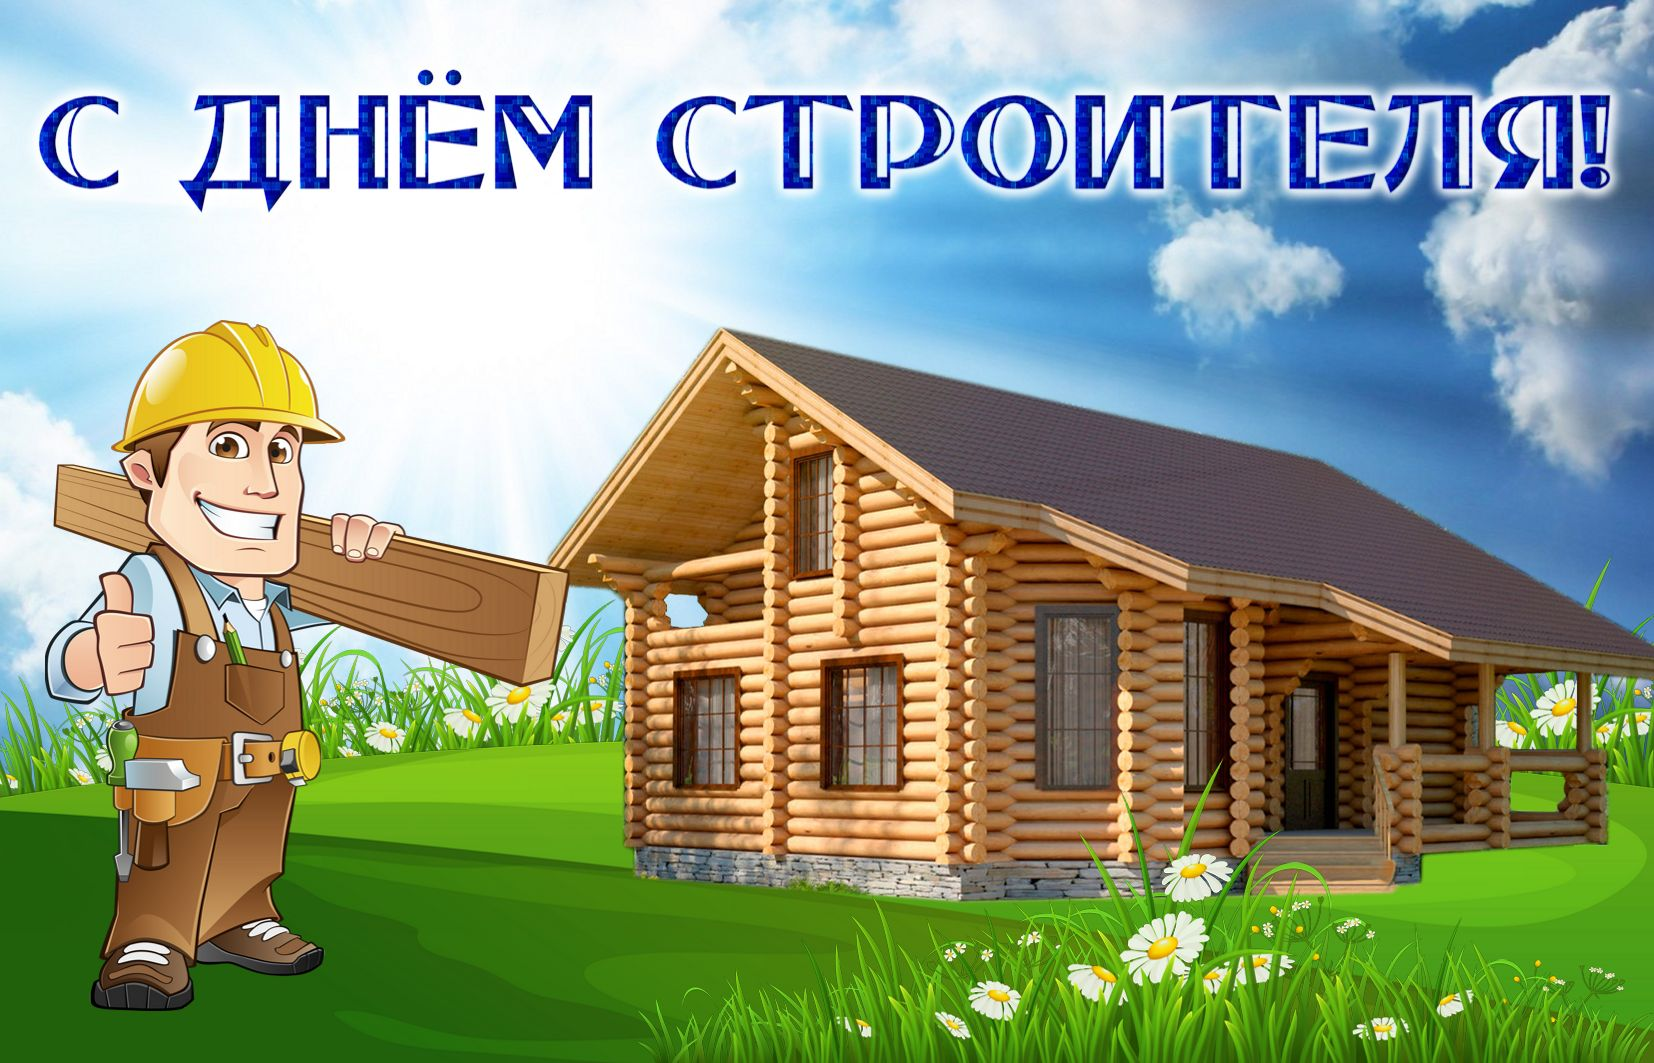 Картинка с дачным домом на травке на День строителя